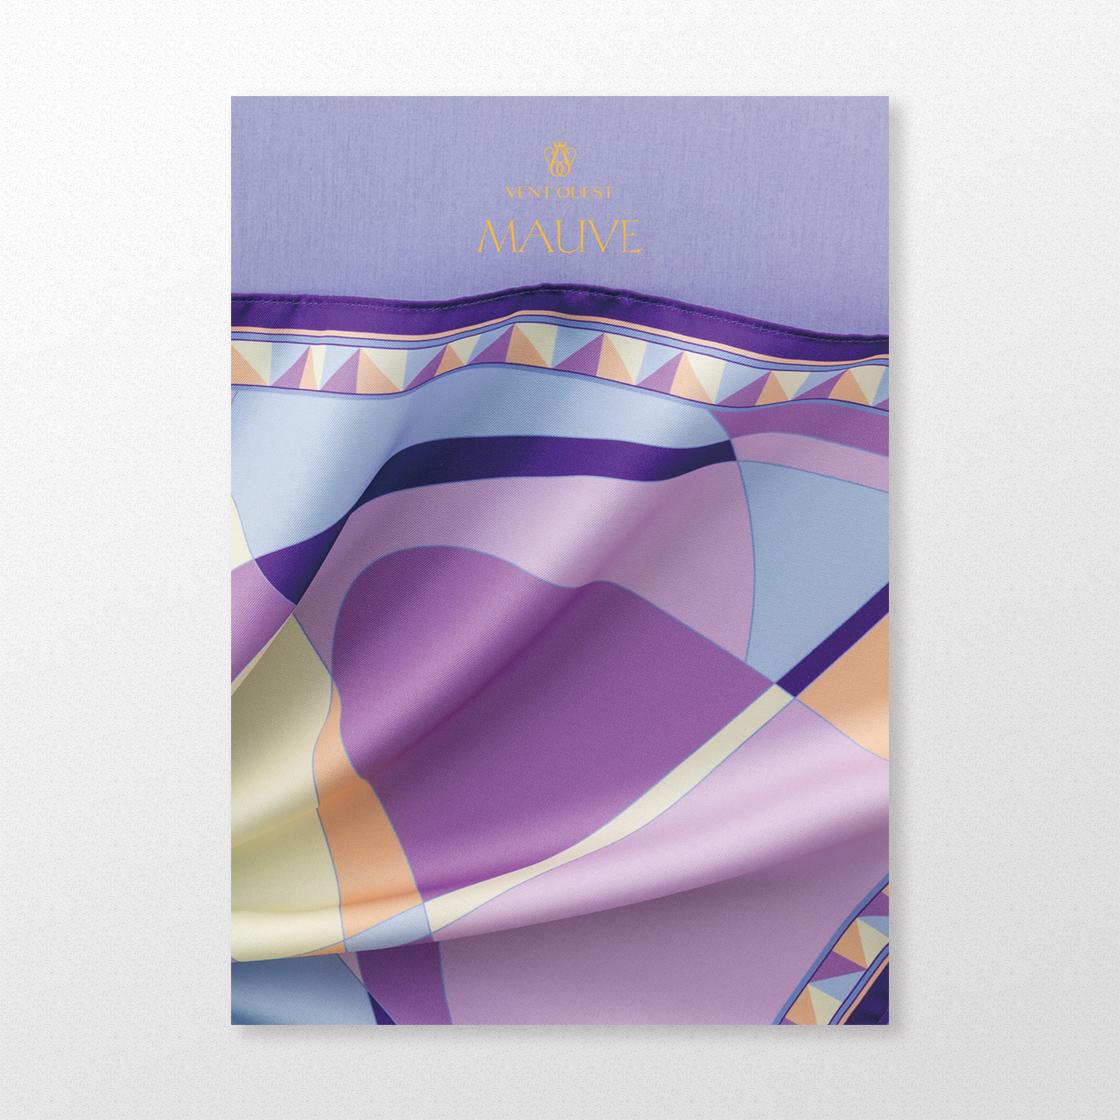 結婚内祝い カタログギフト/ヴァンウエスト/モーヴ 8